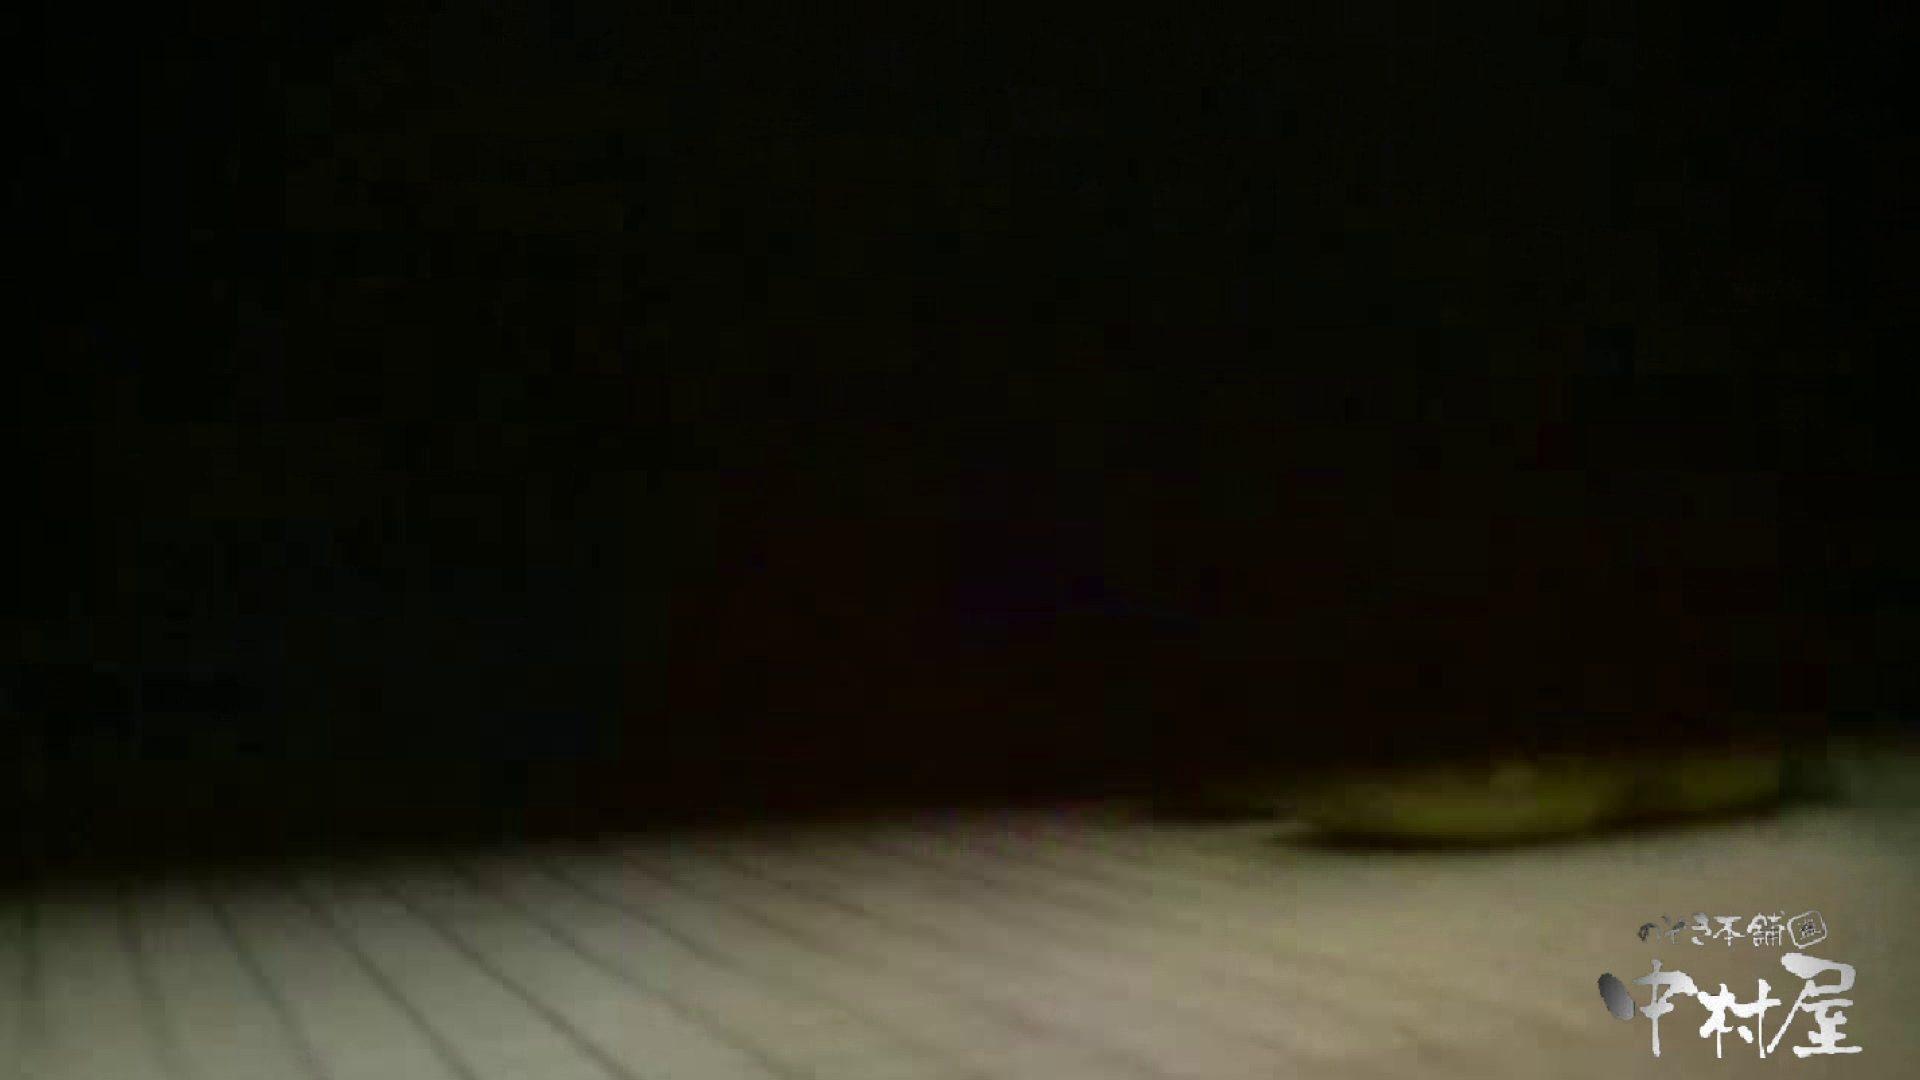 始動します‼雅さんの独断と偏見で集めたVIP限定 動画集Vol.2 OLのプライベート | 期間限定  11pic 5